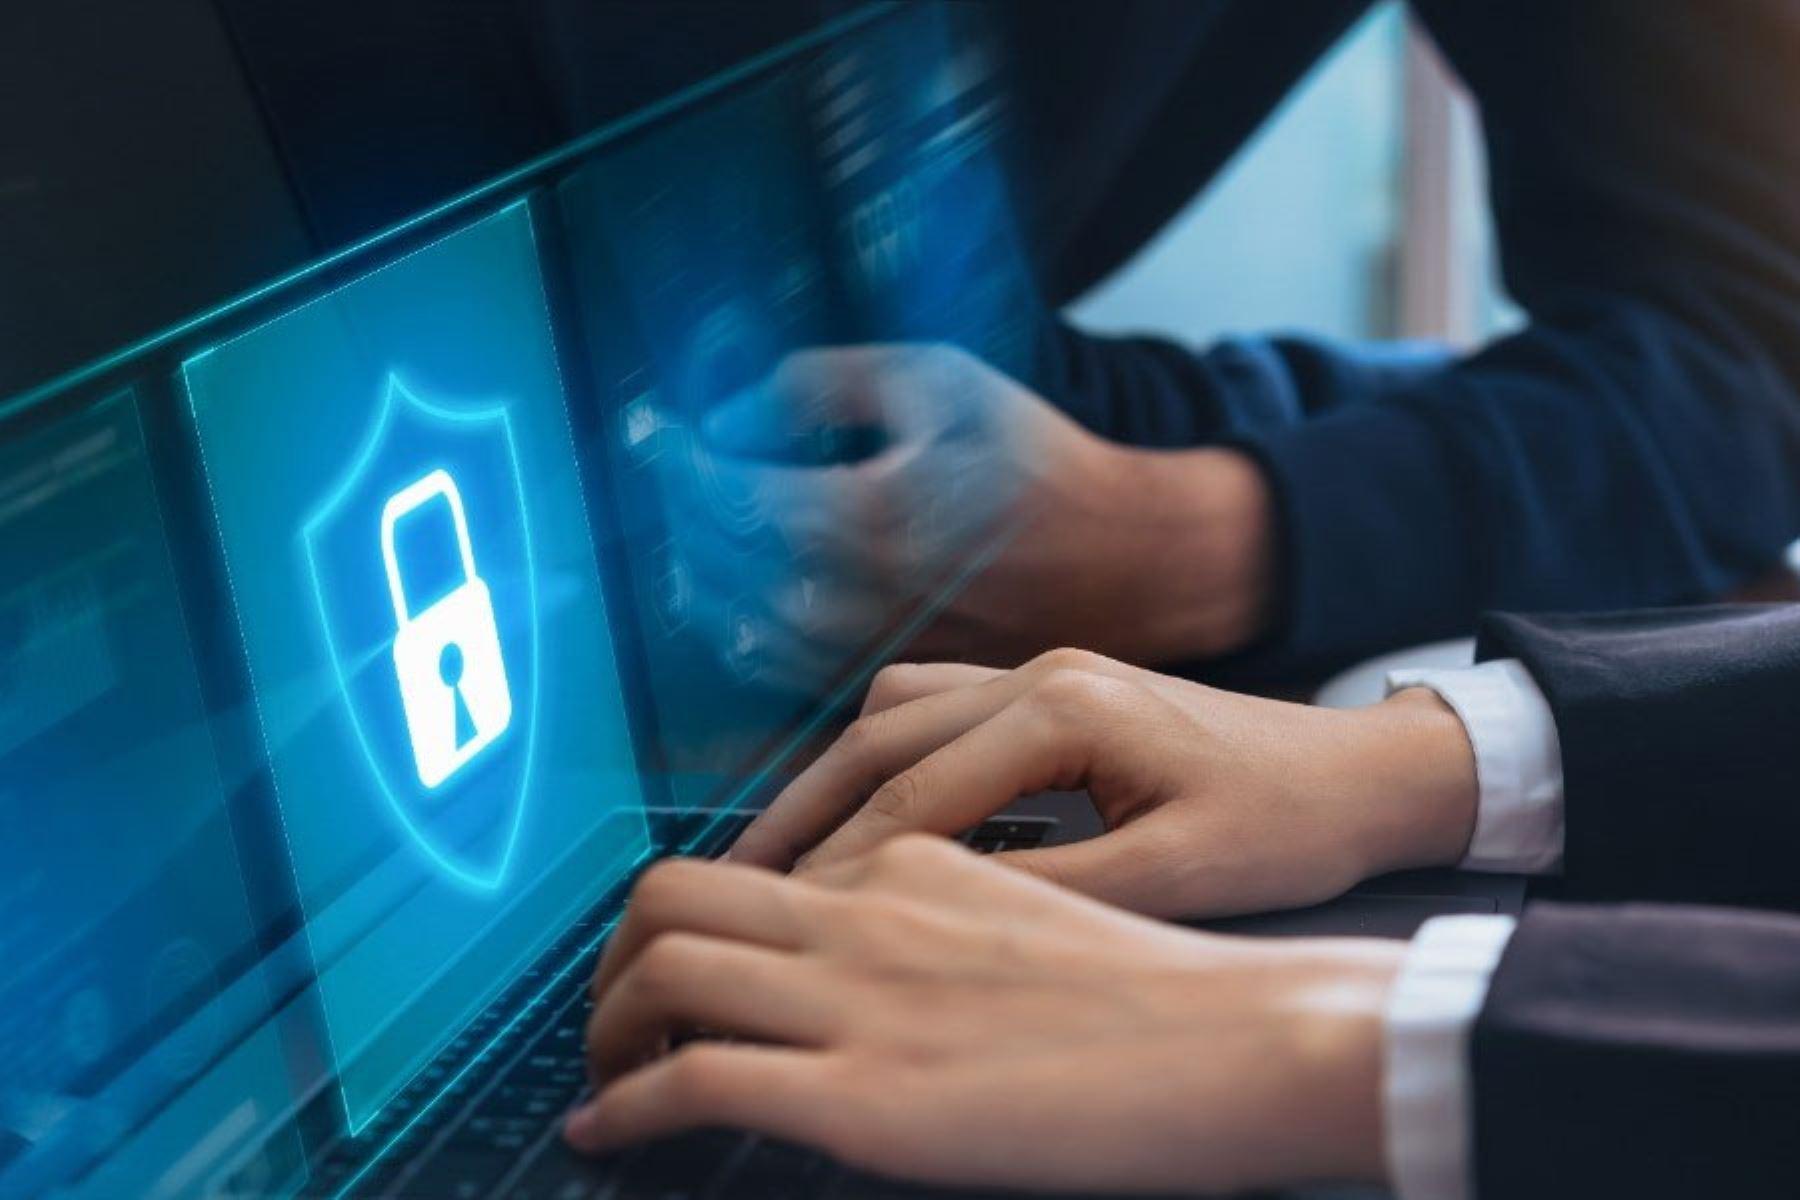 presupuesto-en-ciberseguridad-aumenta-en-empresas-pese-a-recortes-por-covid-19